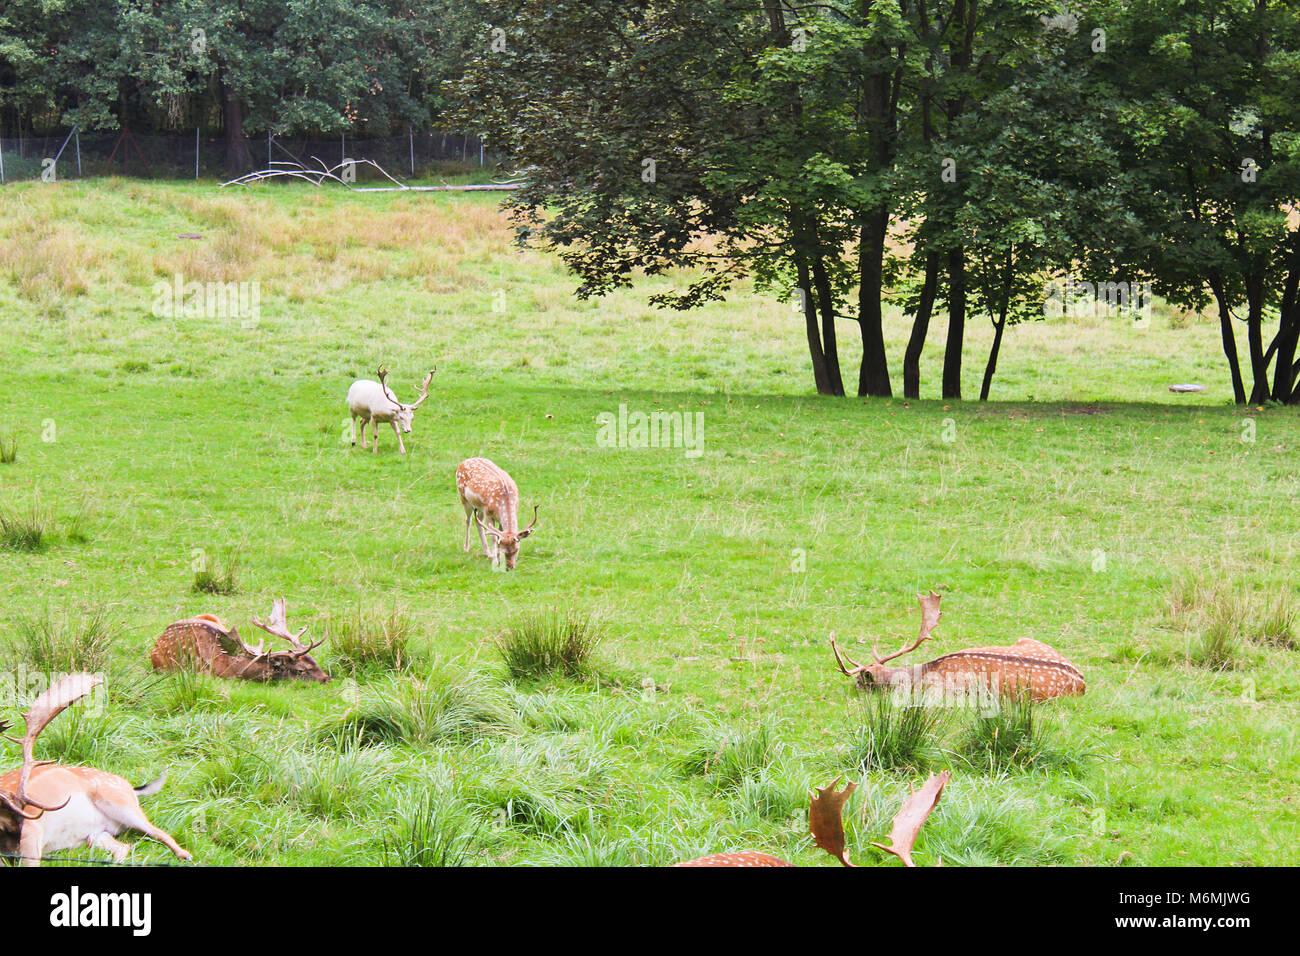 Daims sur prairie avec arbres, paysage tchèque Banque D'Images